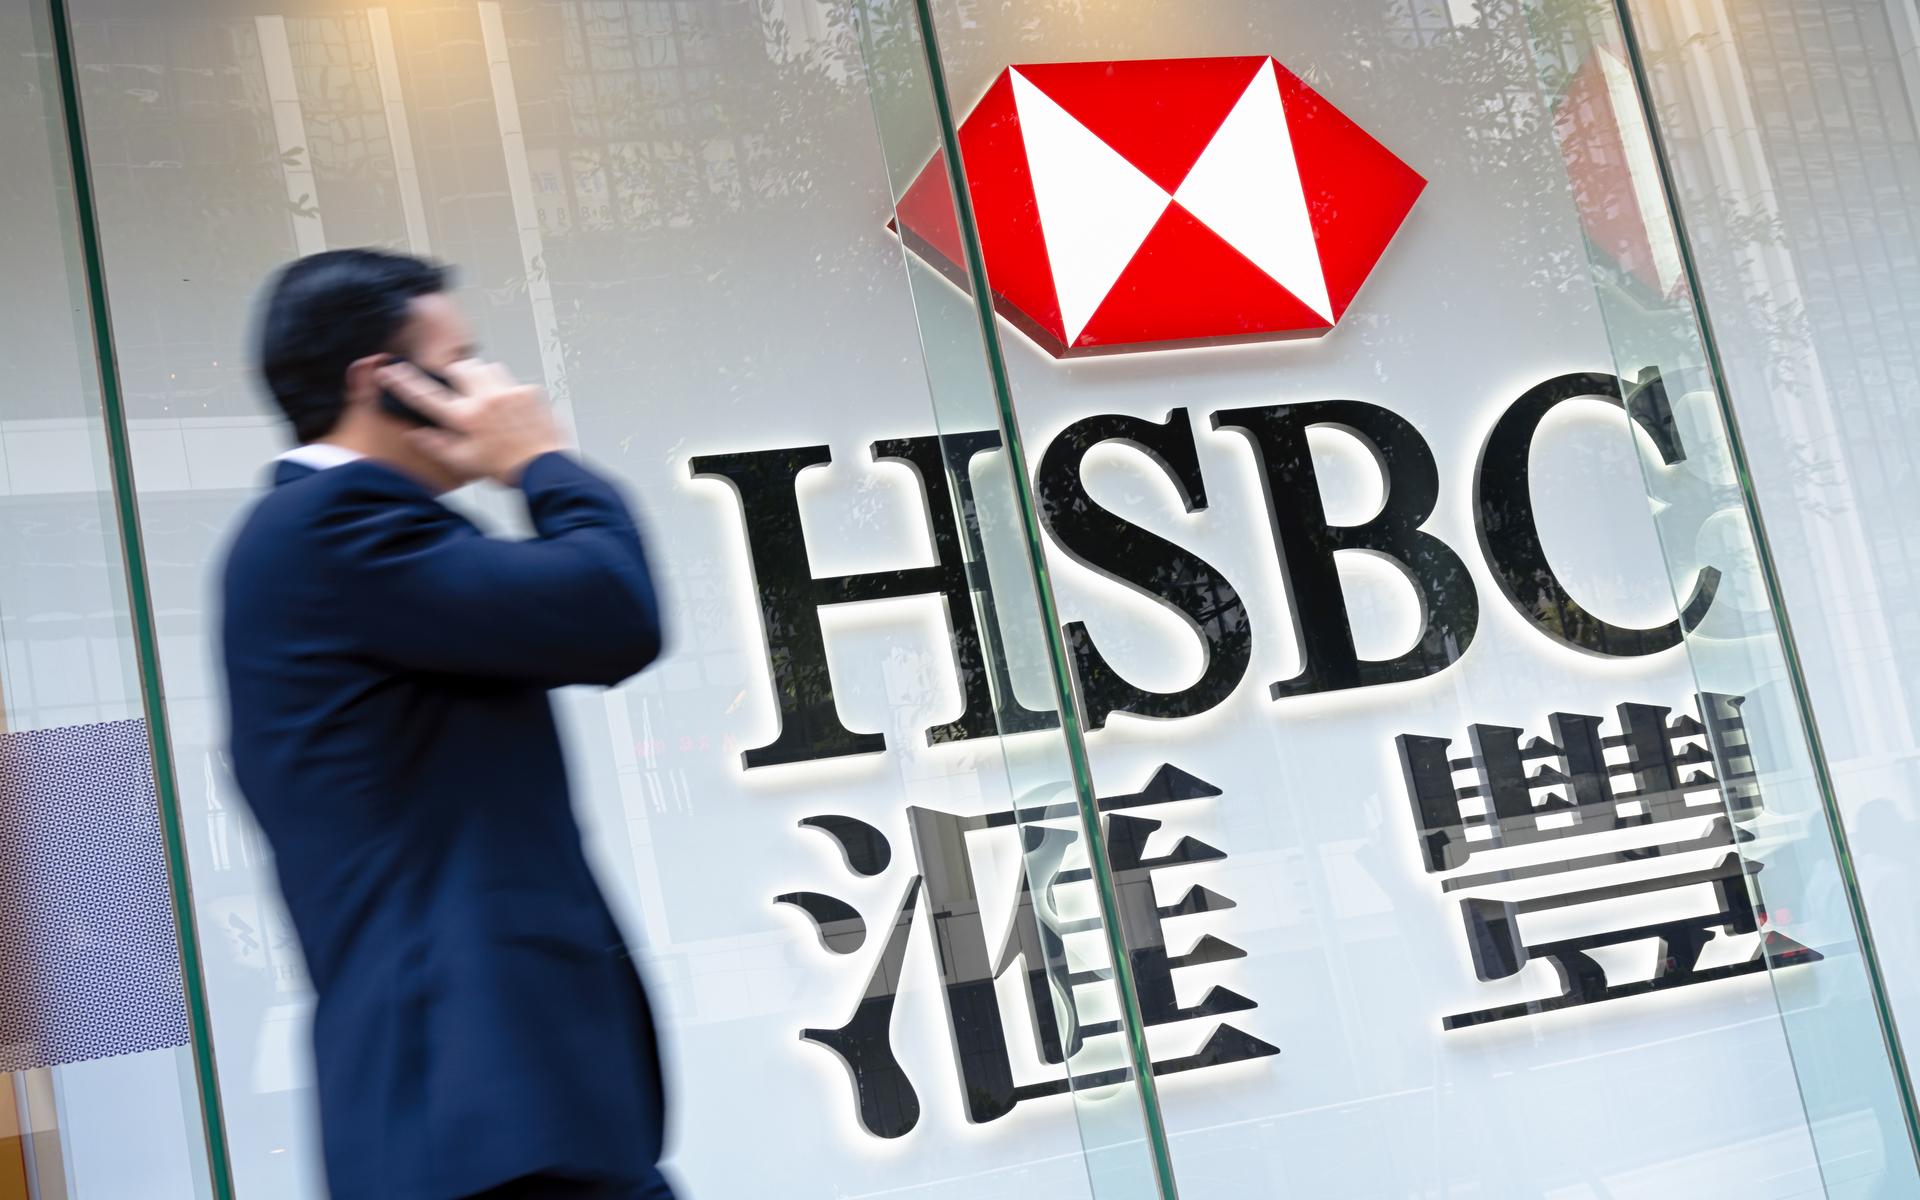 HSBC Closes ATMs in Hong Kong, Bitcoin Fixes This